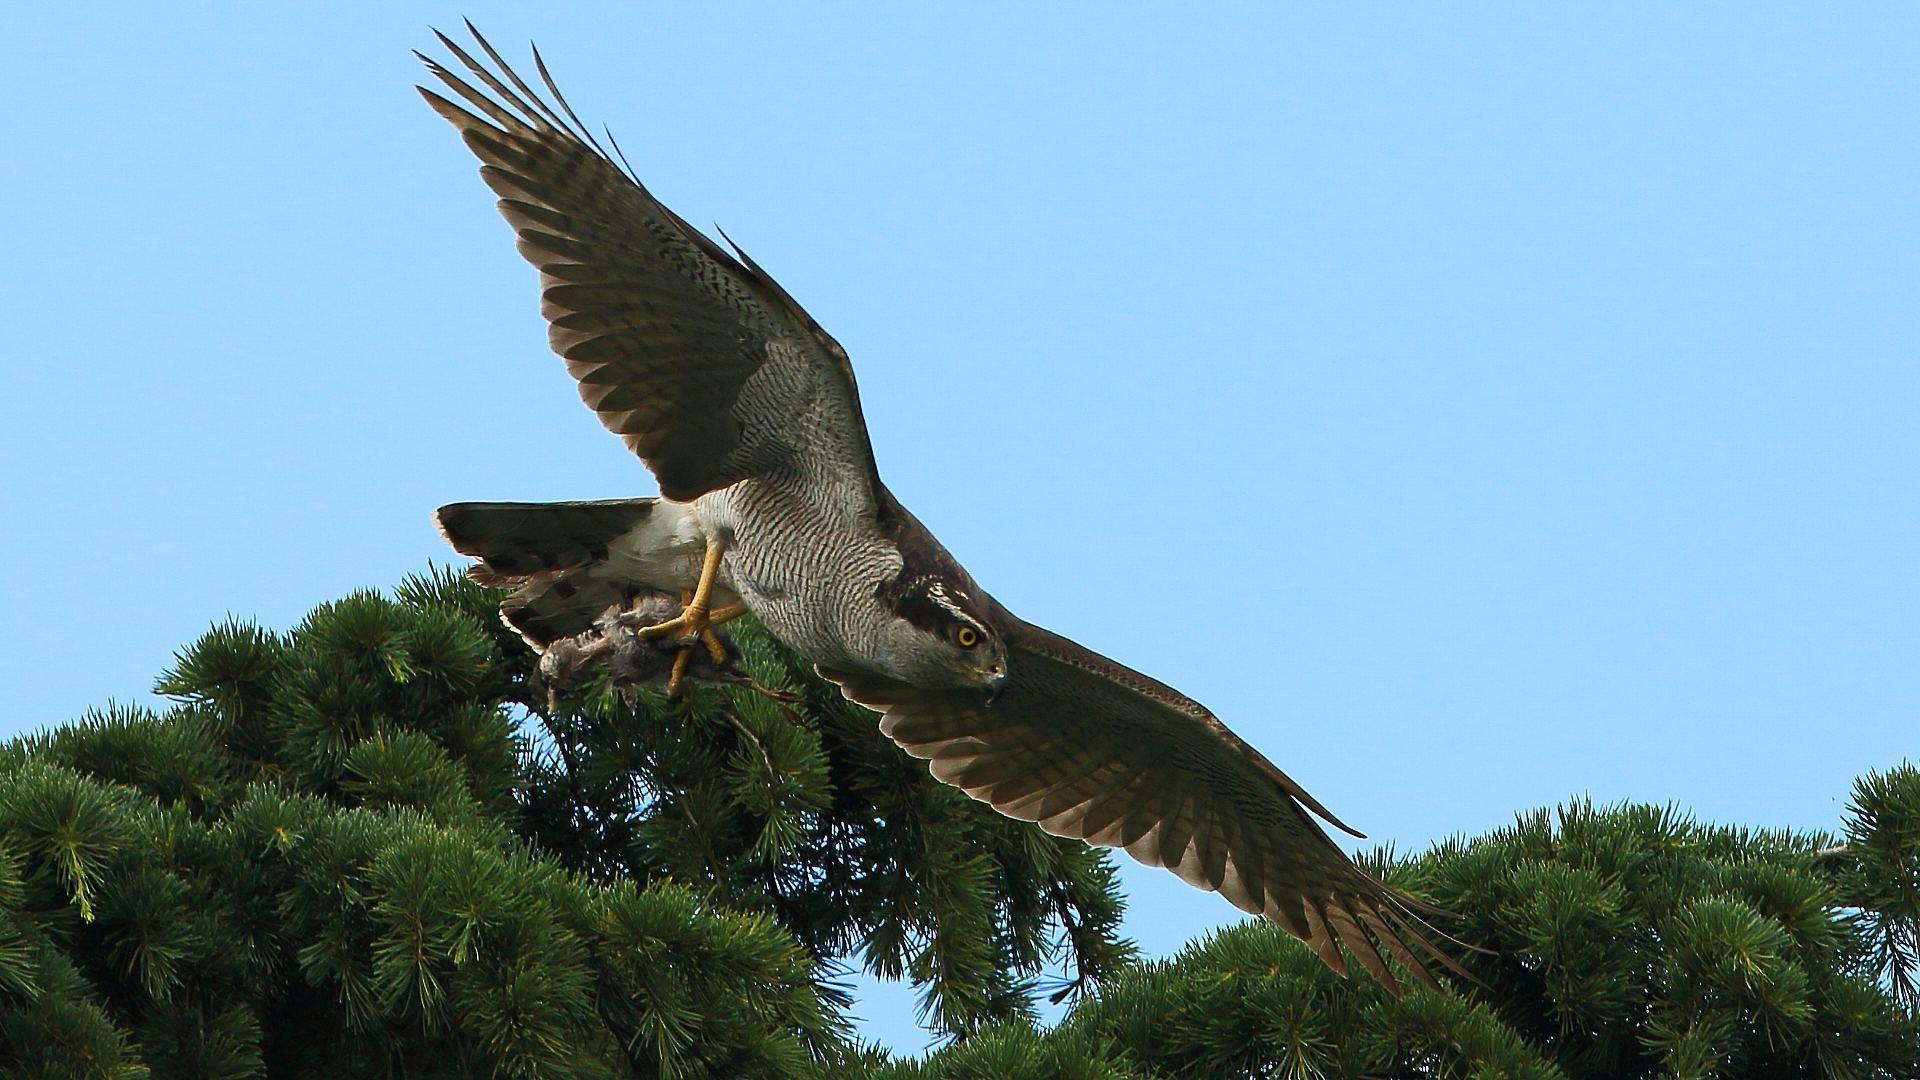 オオタカお母さんの飛翔_f0105570_18151684.jpg